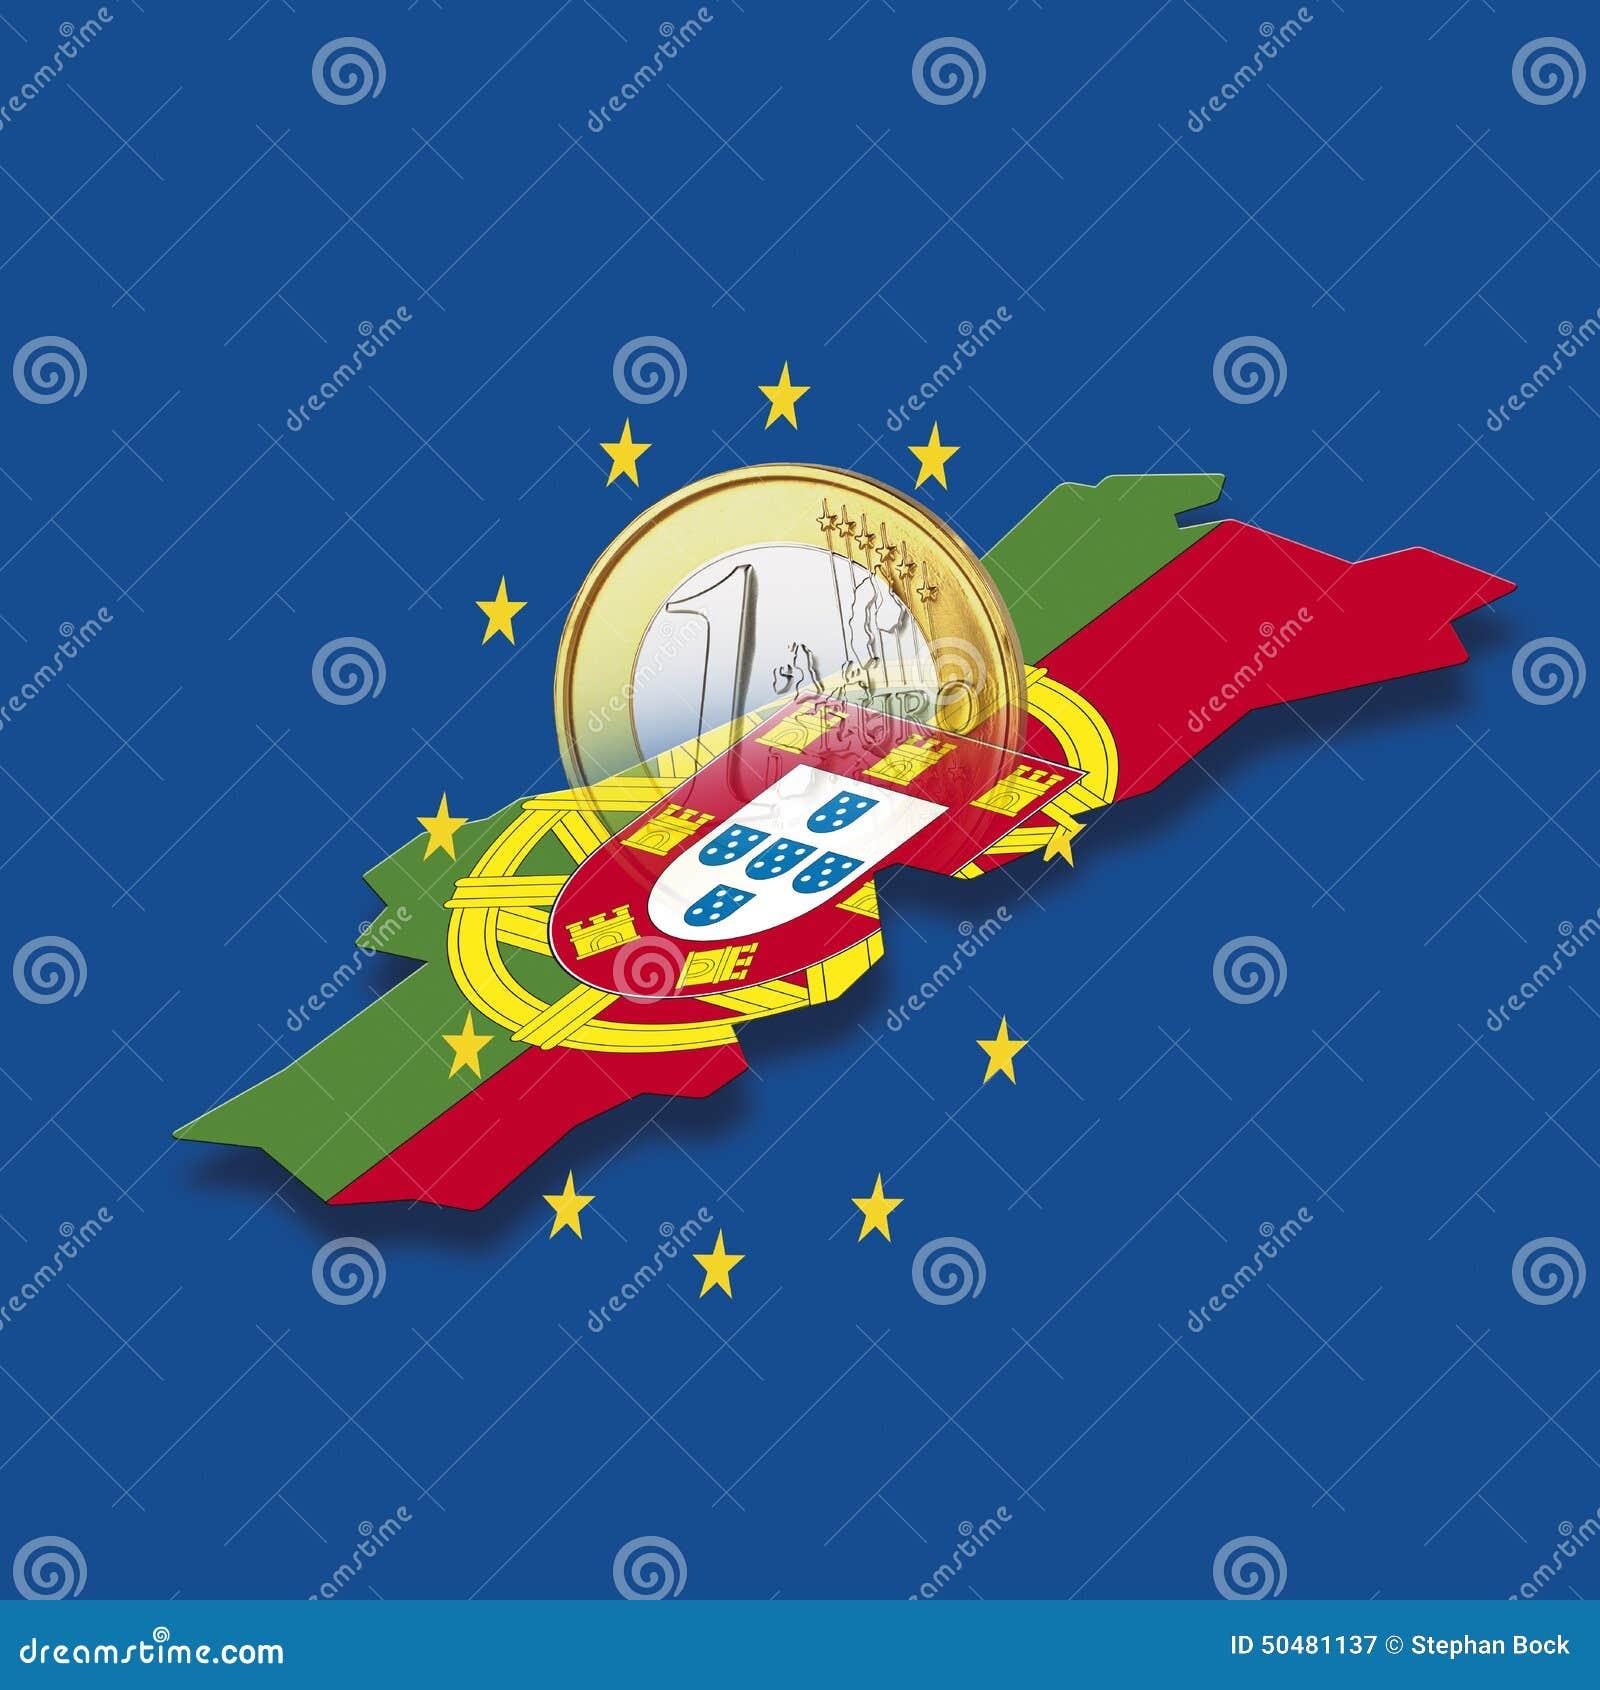 Kontur av Portugal med stjärnor för europeisk union och euromyntet mot blå bakgrund, digital komposit